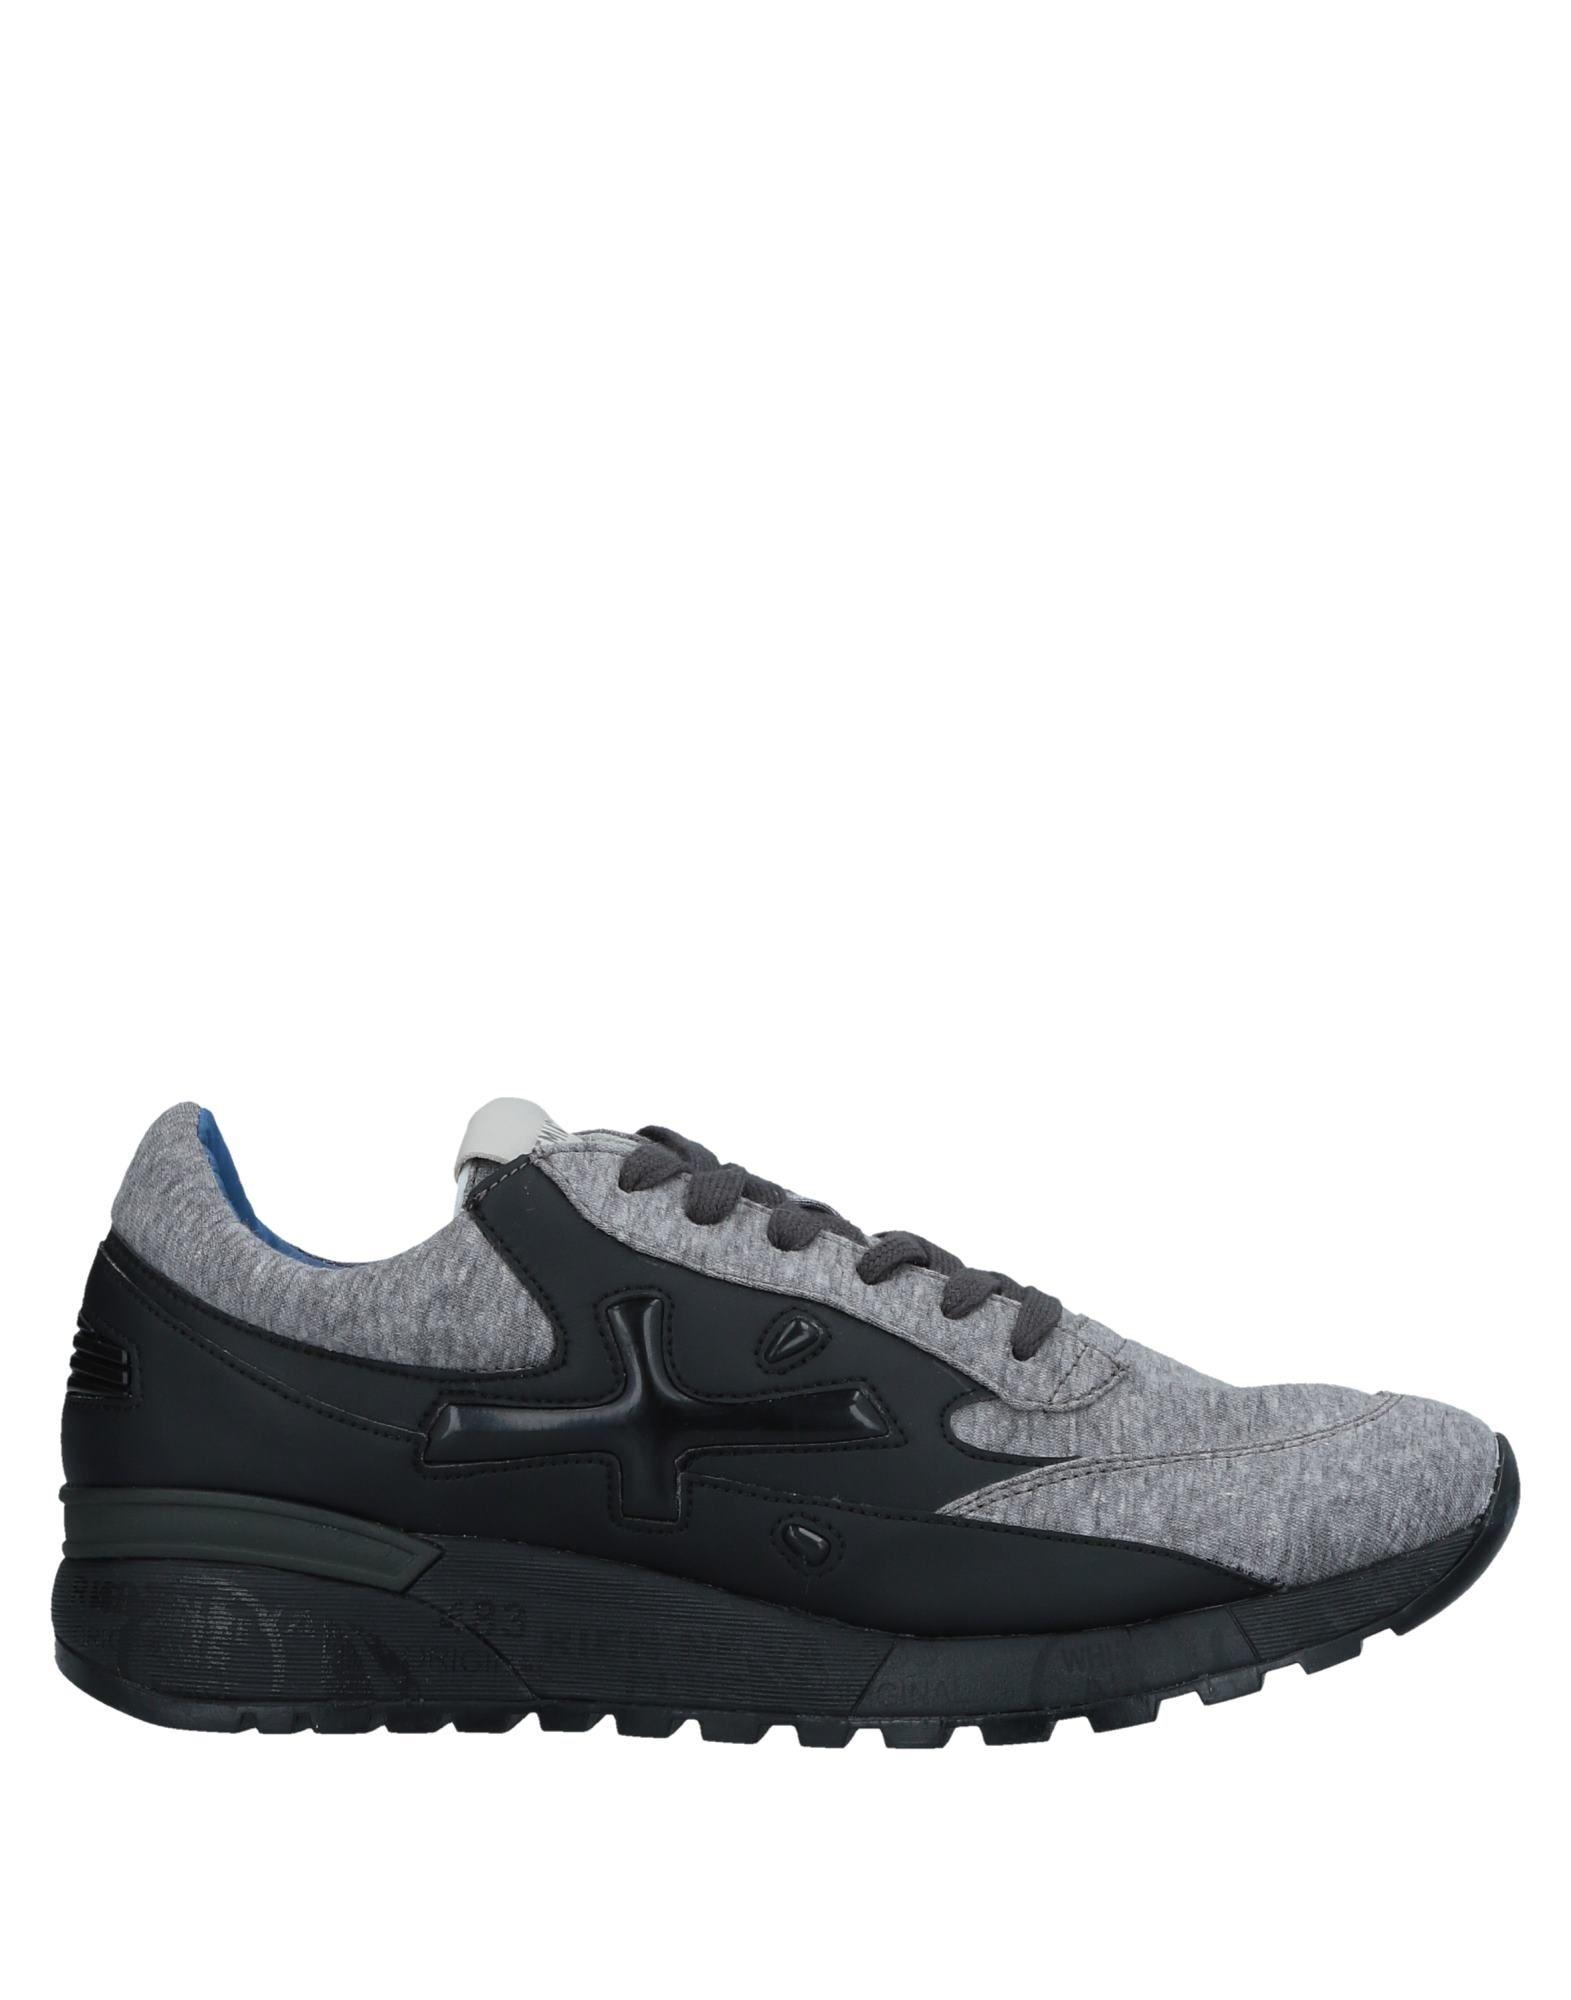 Sneakers Premiata Uomo - 11530889HV Scarpe economiche e buone